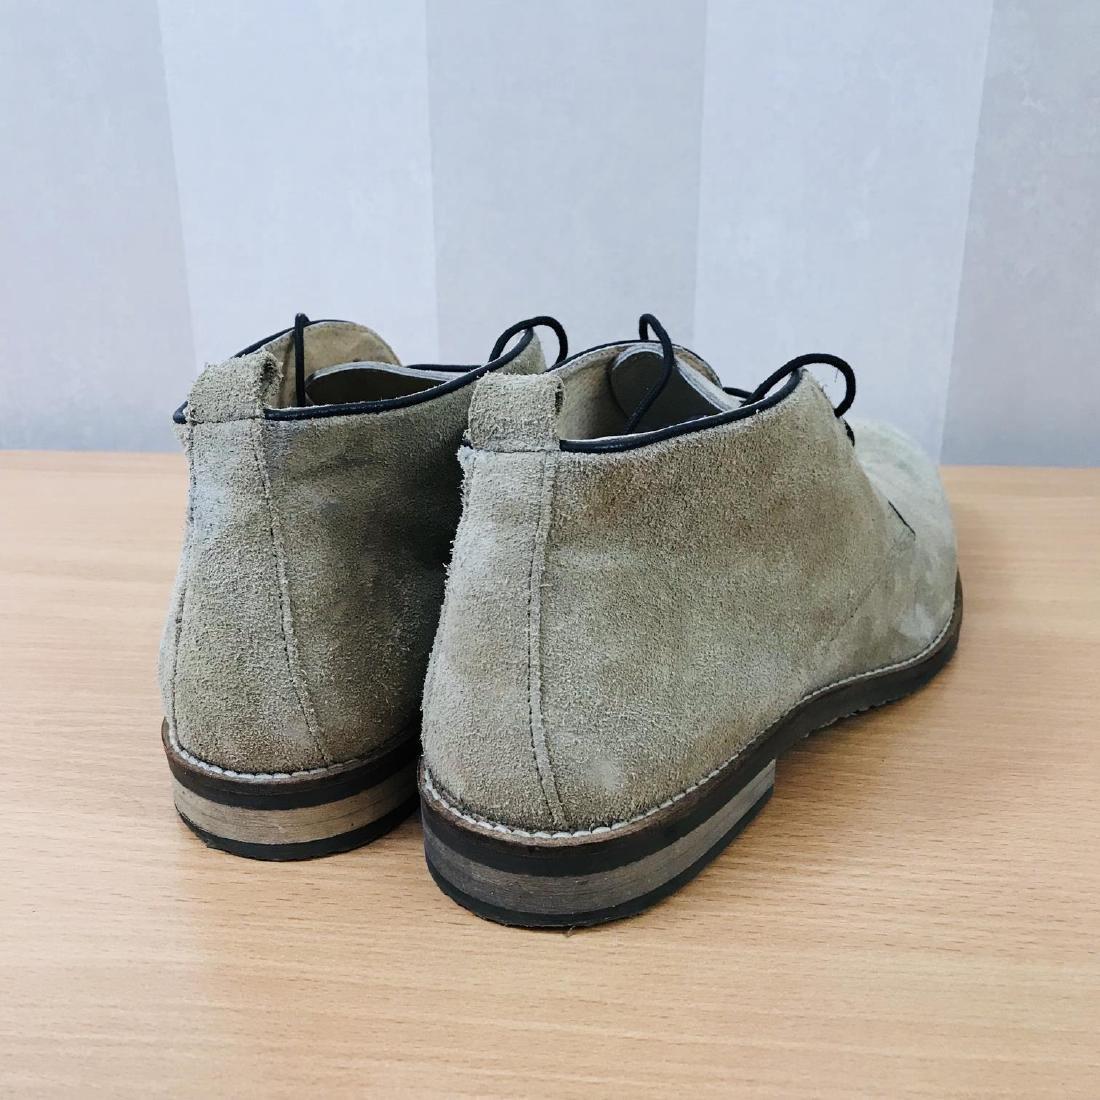 Vintage Men's Suede Leather Shoes Size EUR 44 US 11 - 3